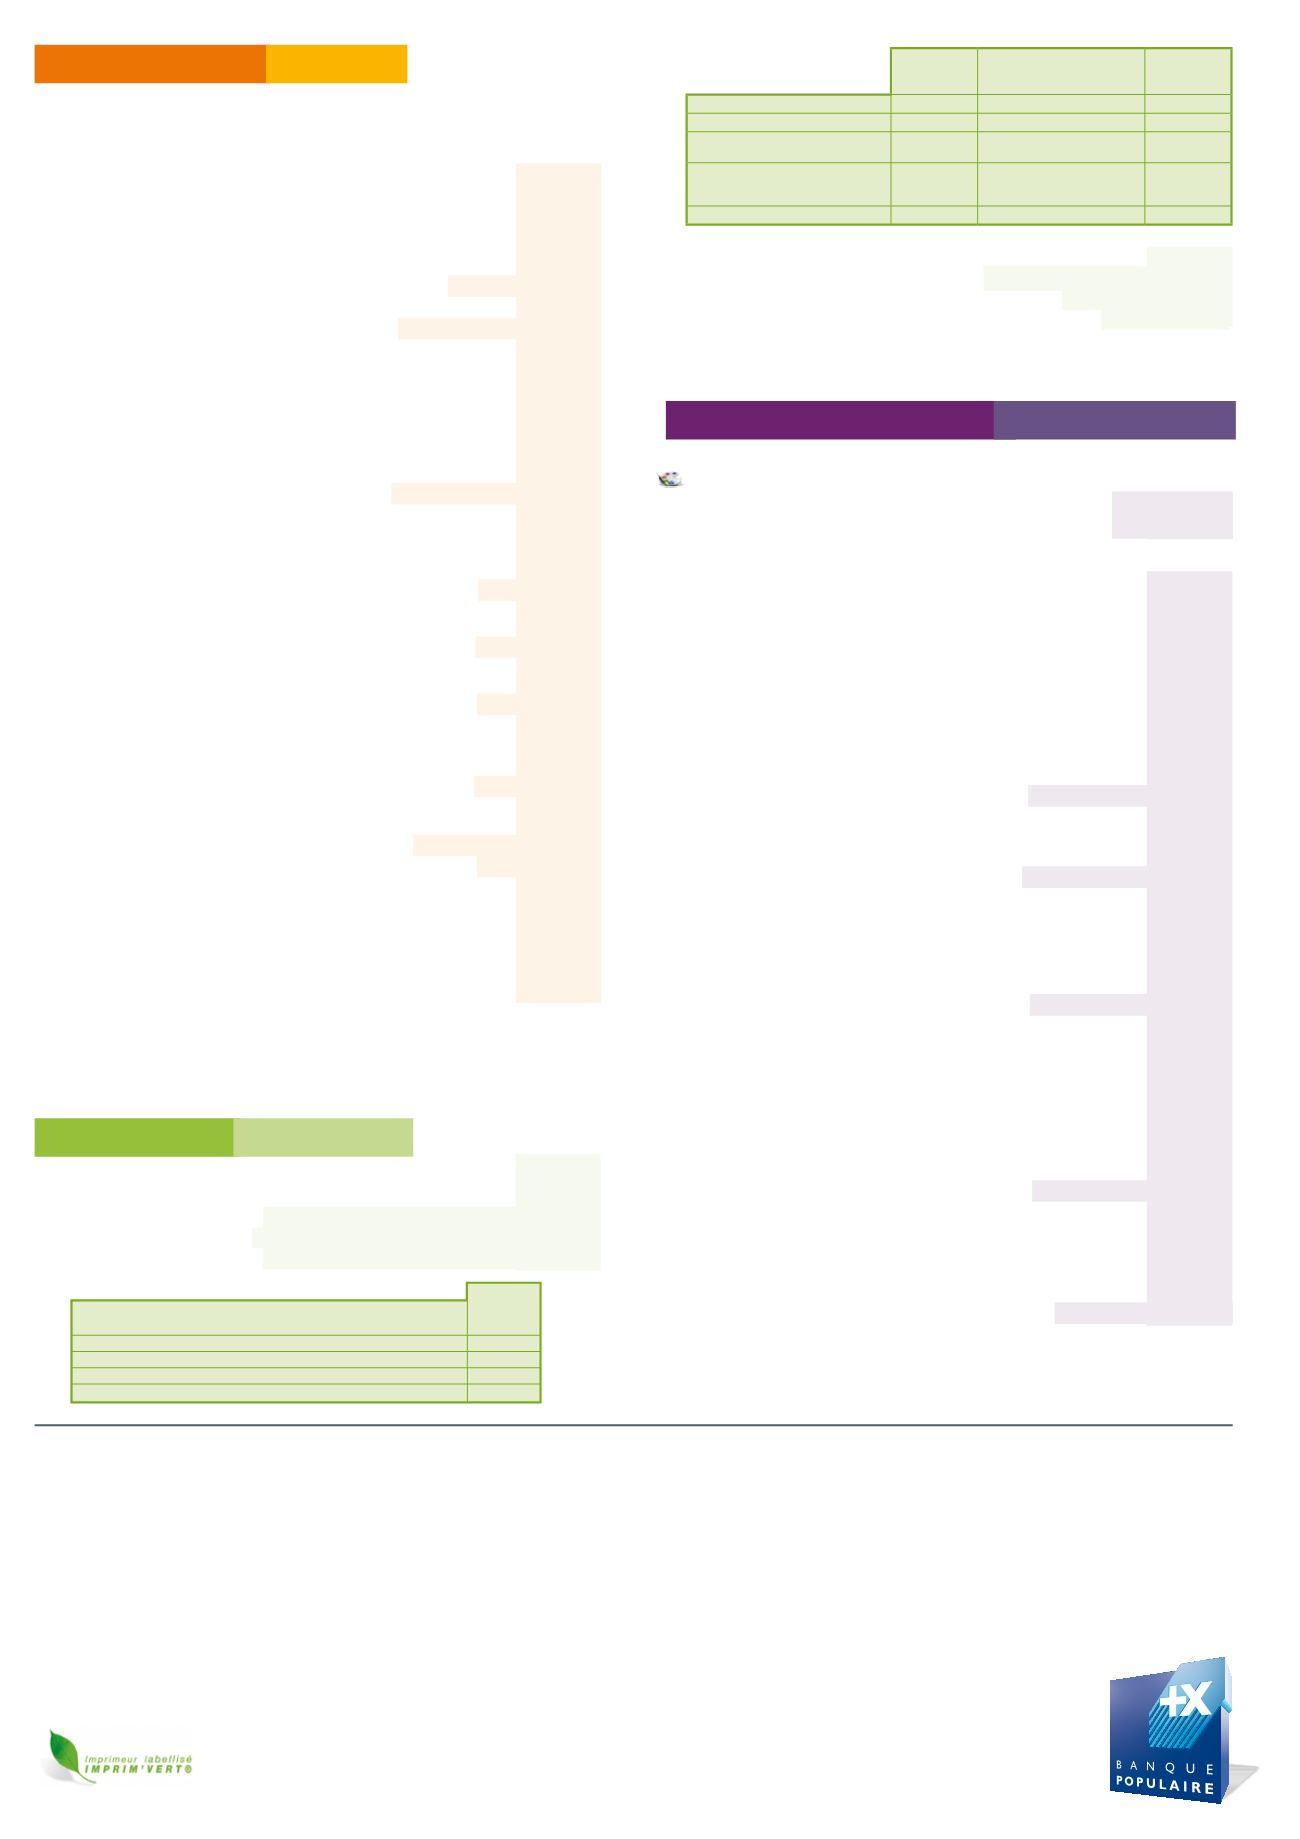 bpbfc publications Tarifs Part  extrait files assets basic html page